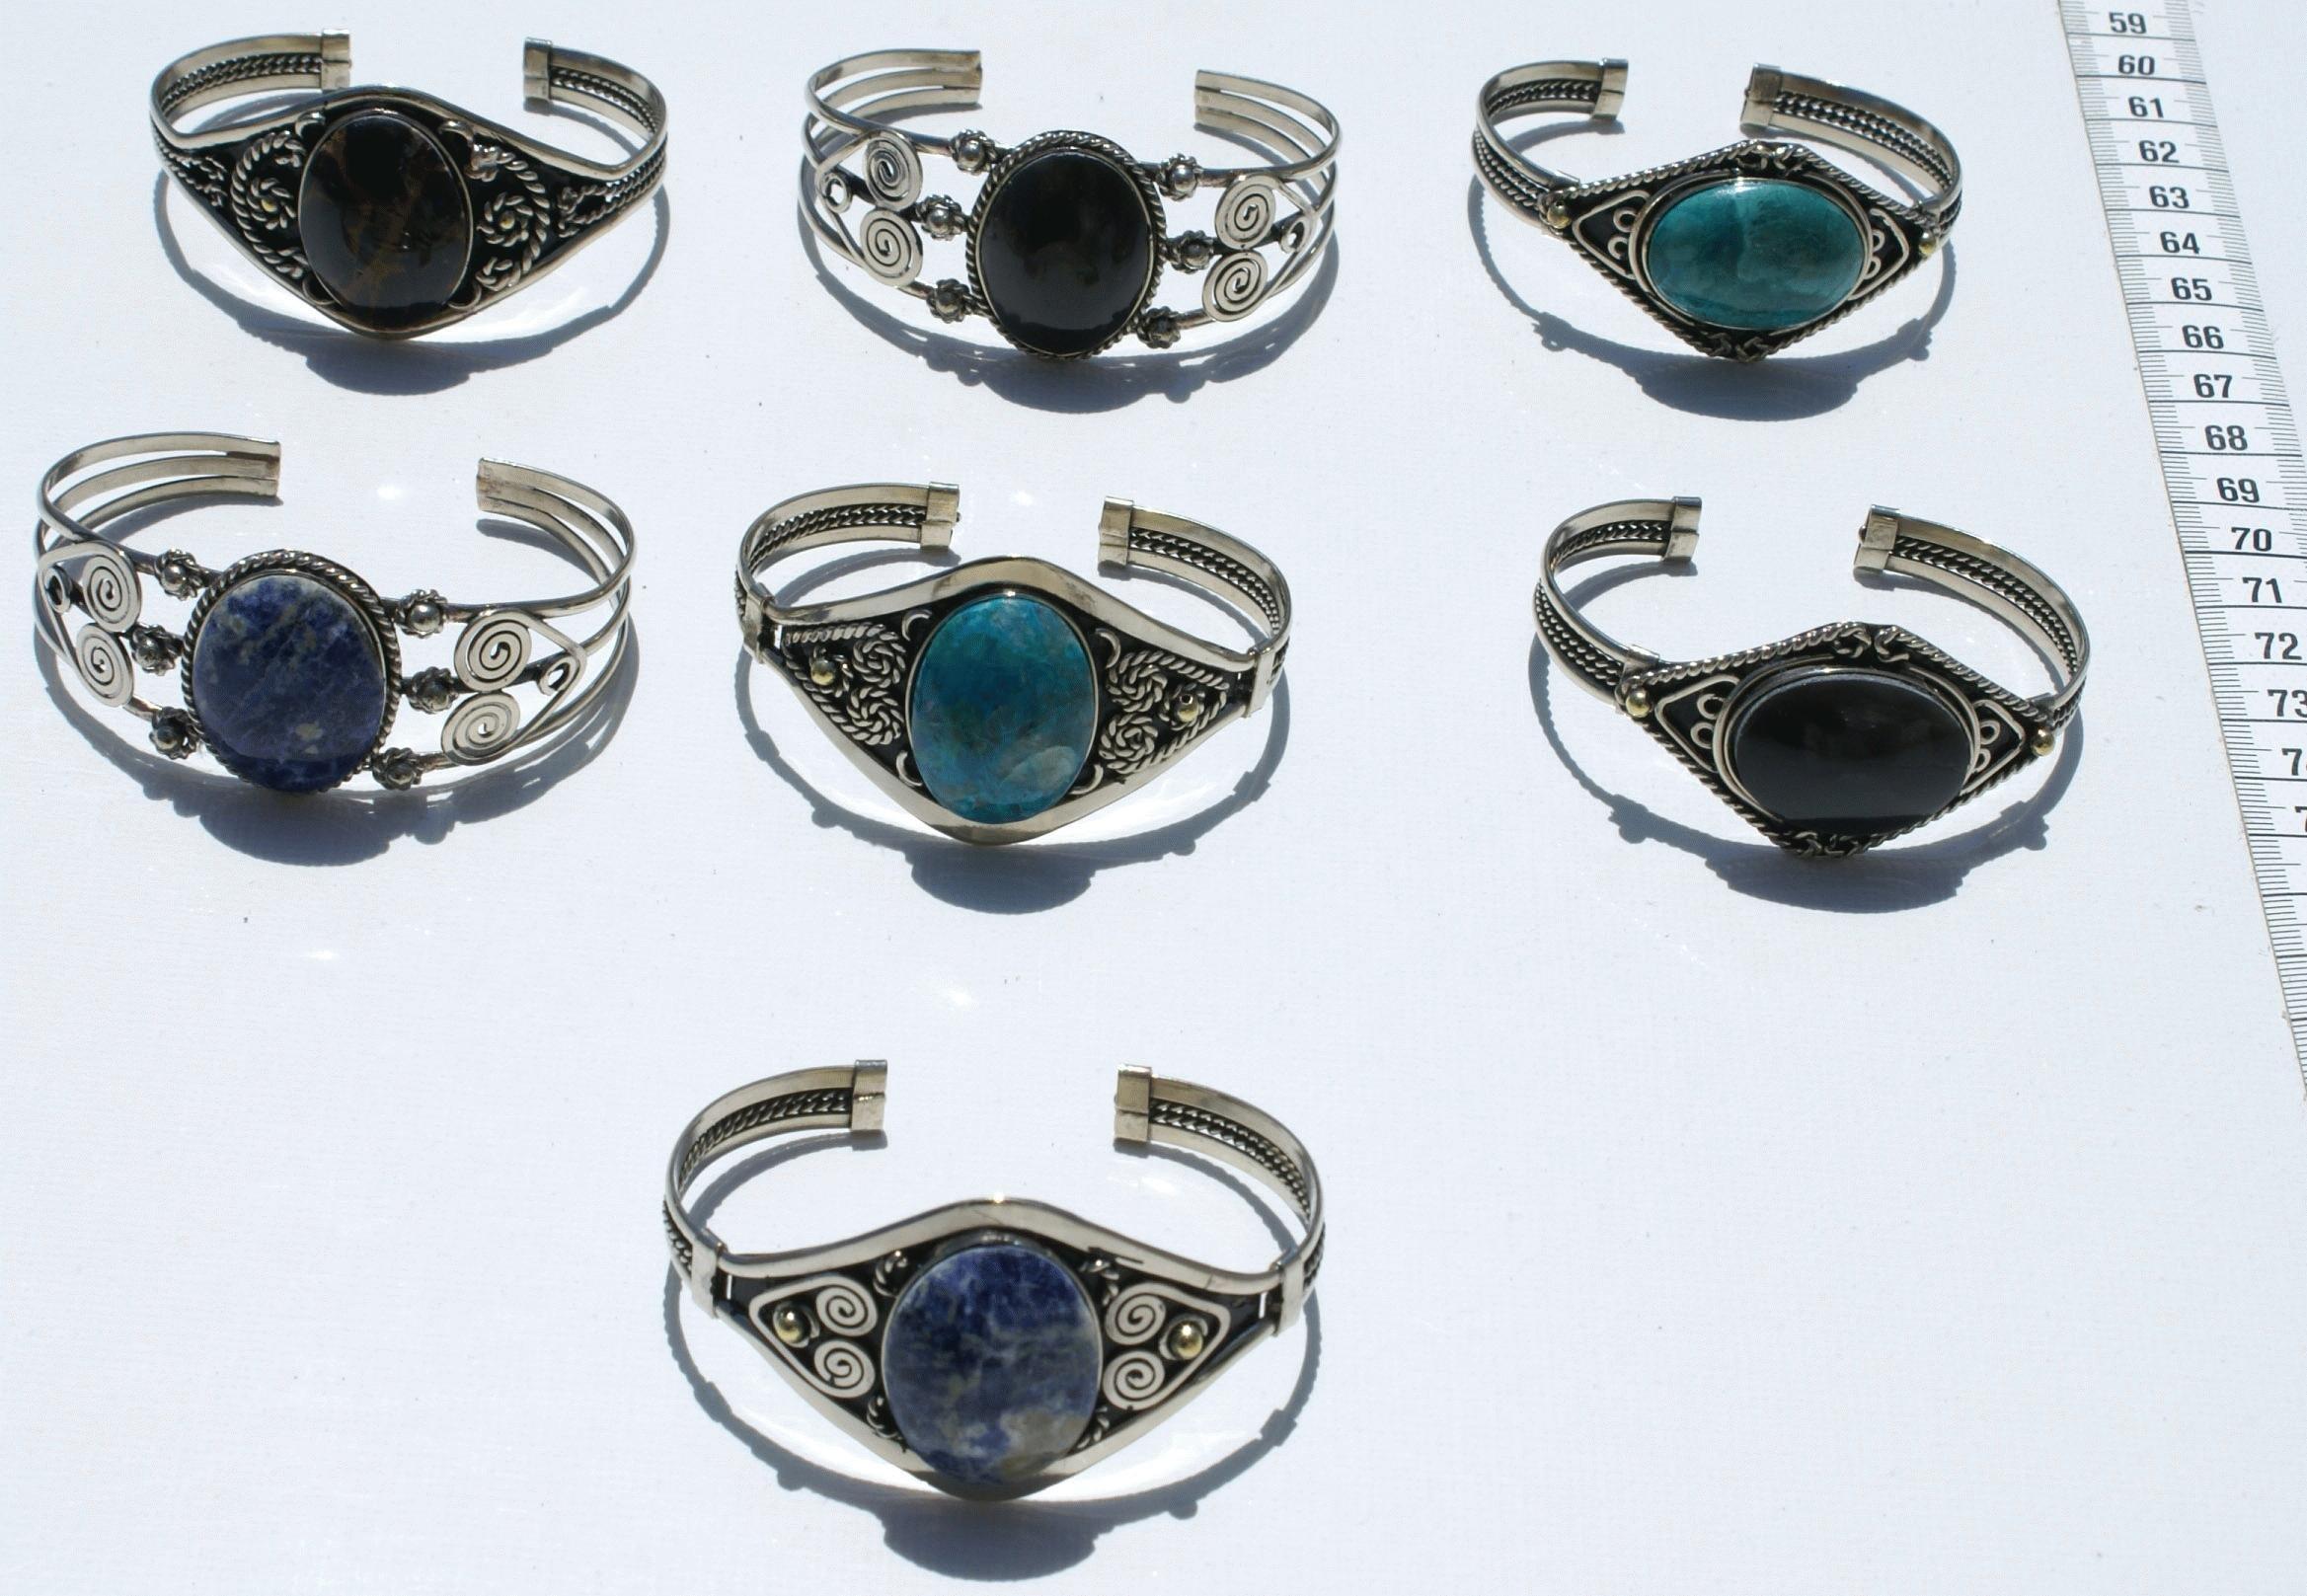 Ինչպիսի քարերով զարդարված զարդերից պետք է հեռու մնալ․ որ քարերն են դժբախտություն բերում